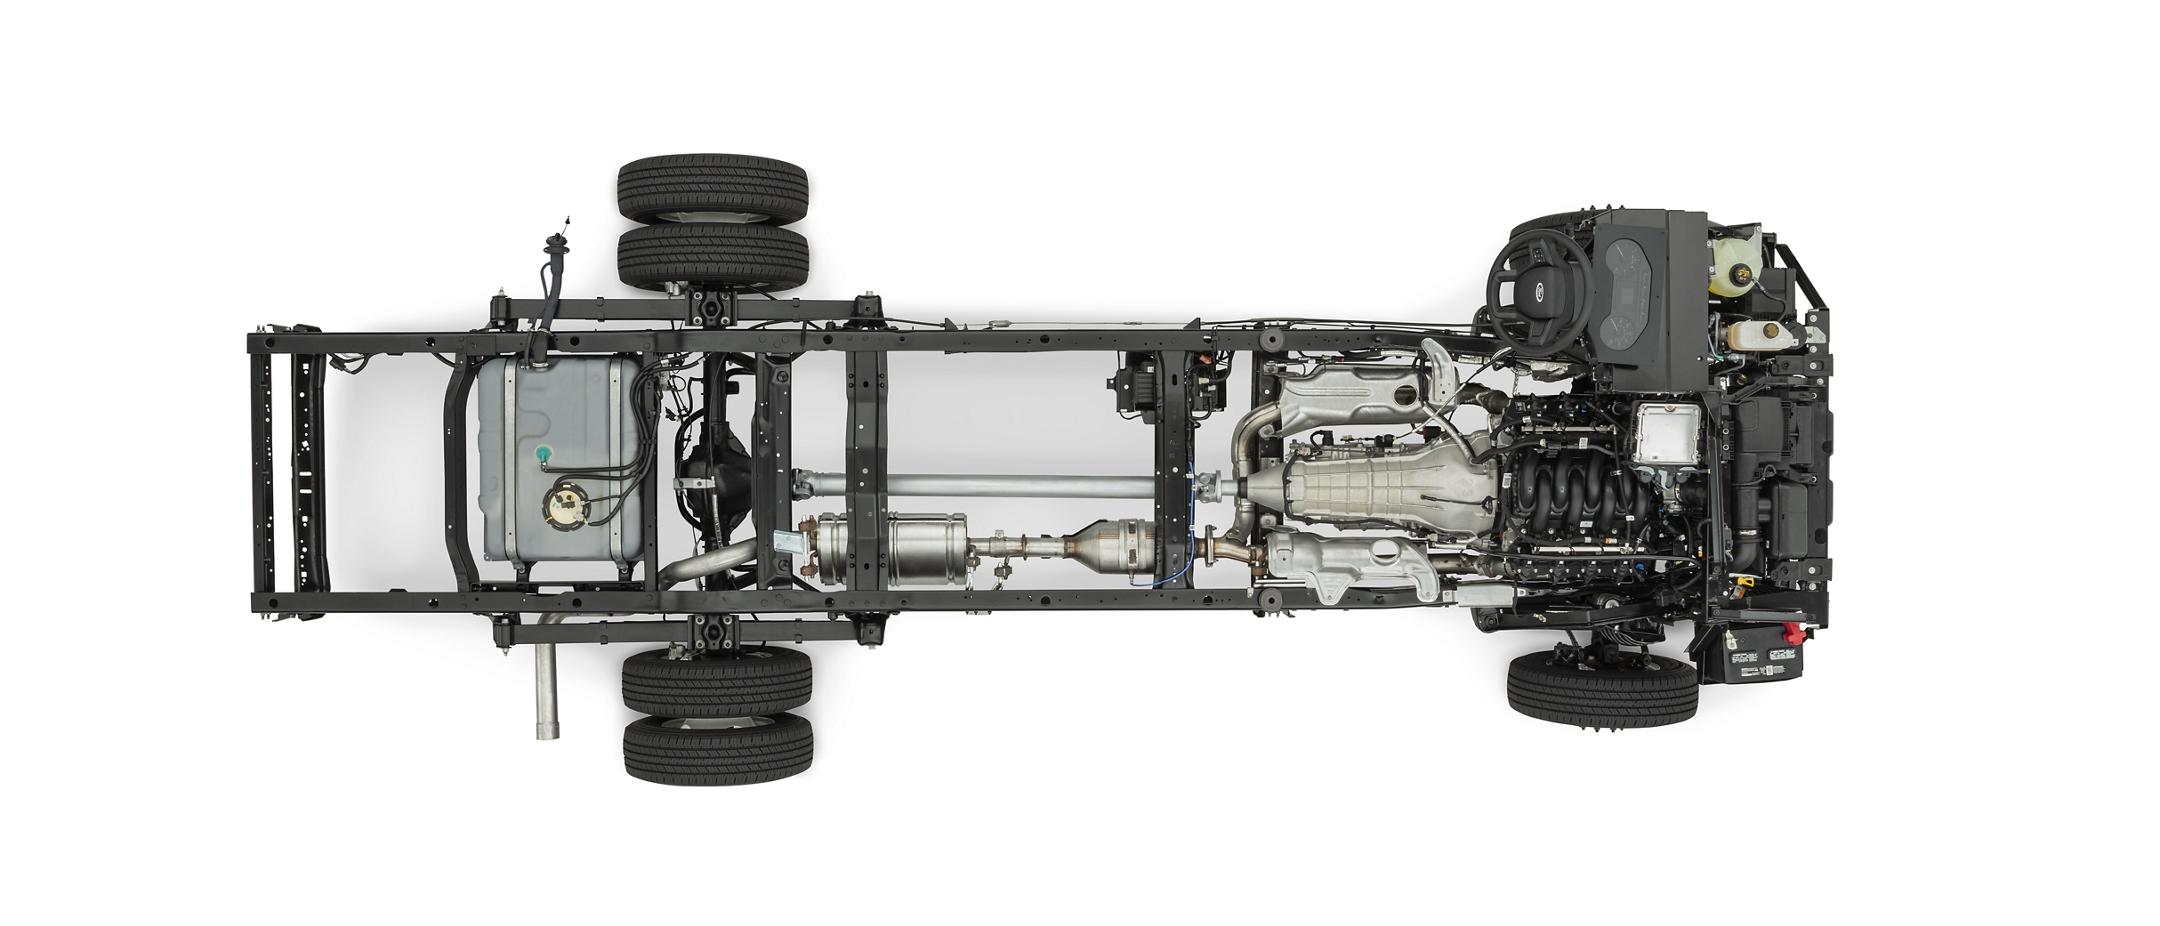 seven point three liter V 8 Economy engine